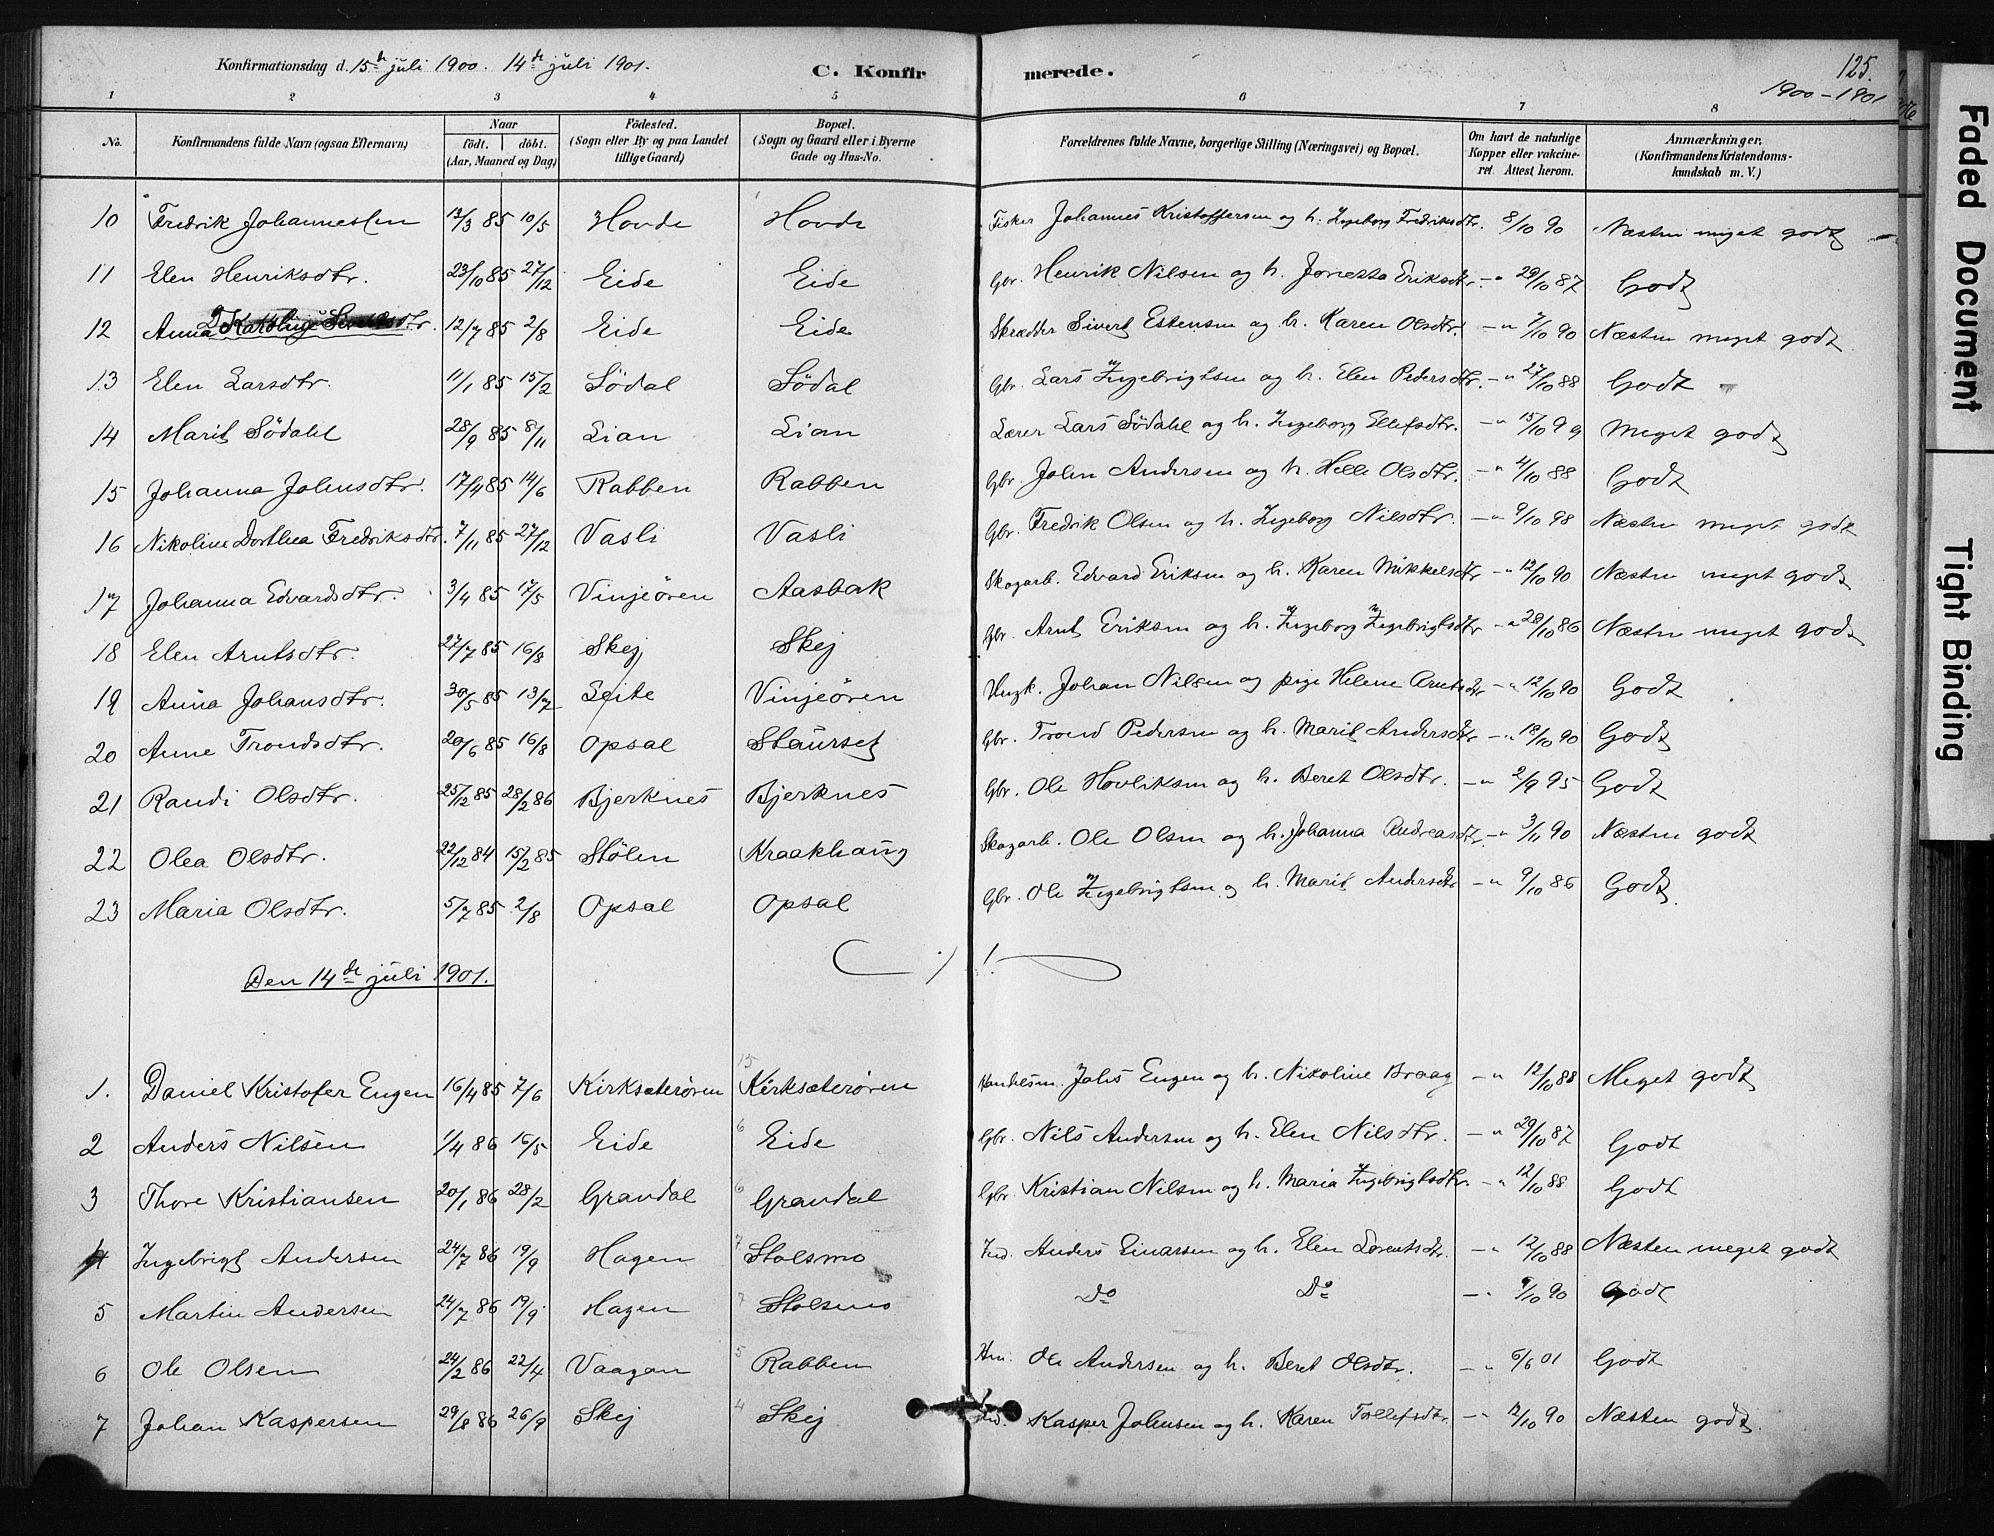 SAT, Ministerialprotokoller, klokkerbøker og fødselsregistre - Sør-Trøndelag, 631/L0512: Ministerialbok nr. 631A01, 1879-1912, s. 125